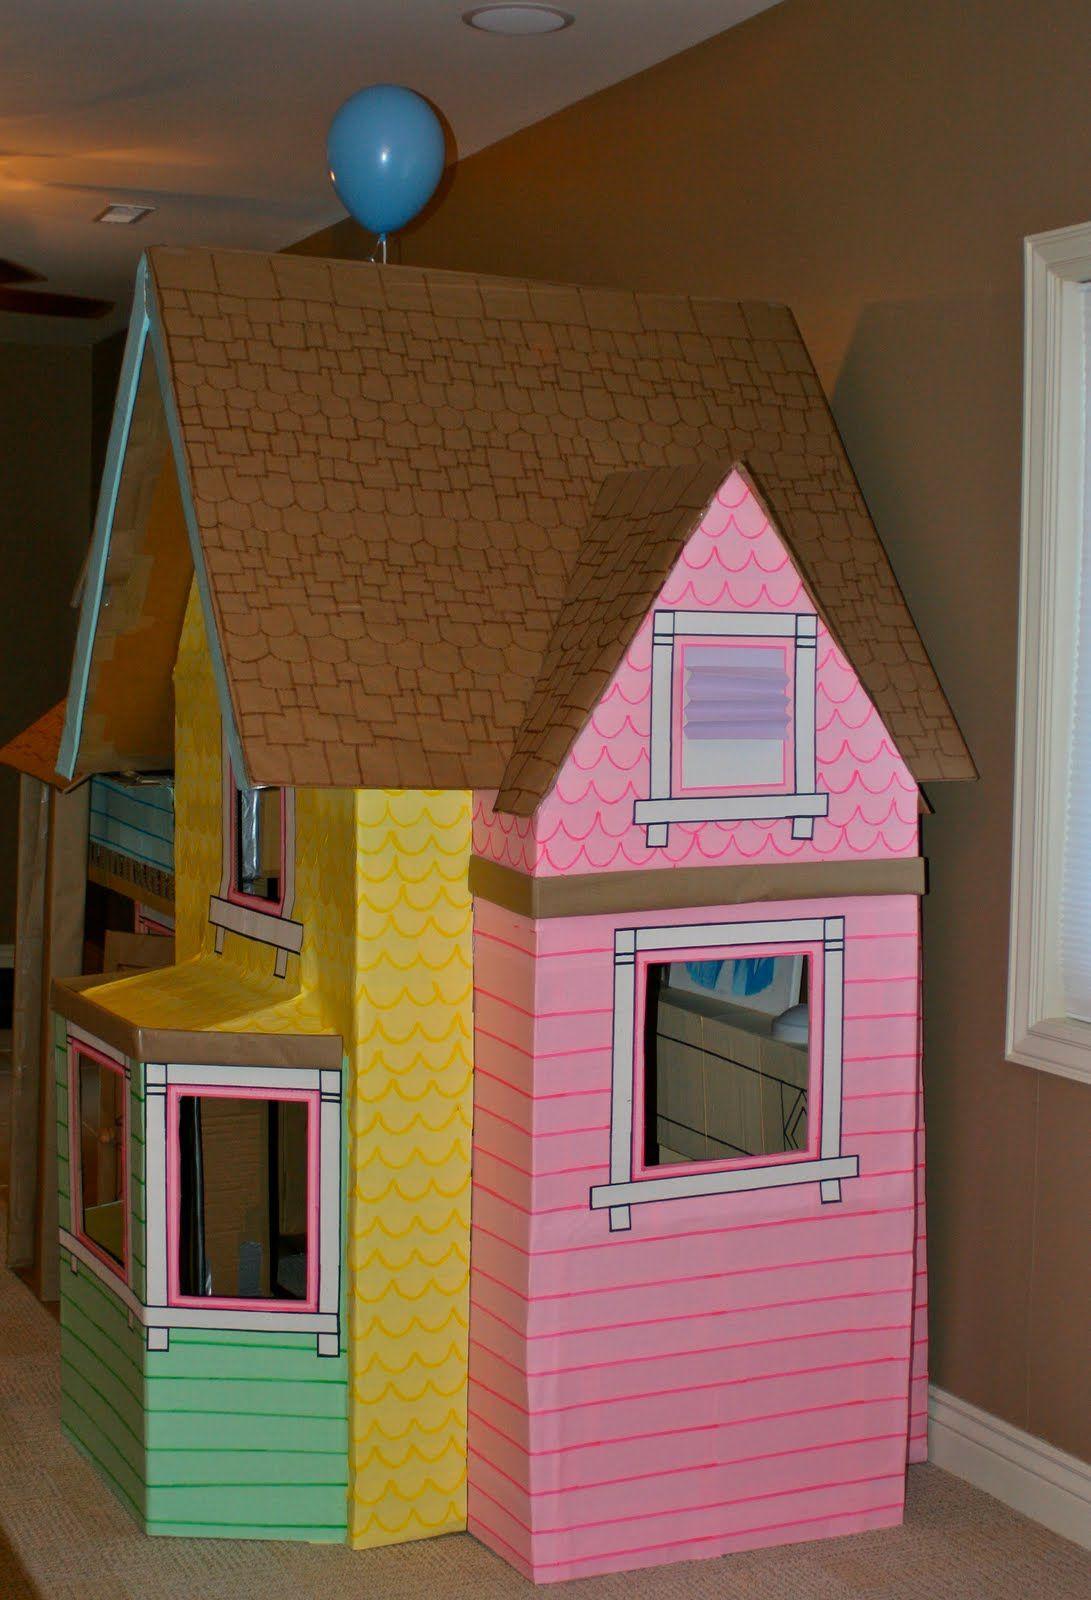 Cardboard House ダンボール 家 ダンボールハウス 段ボール ハウス